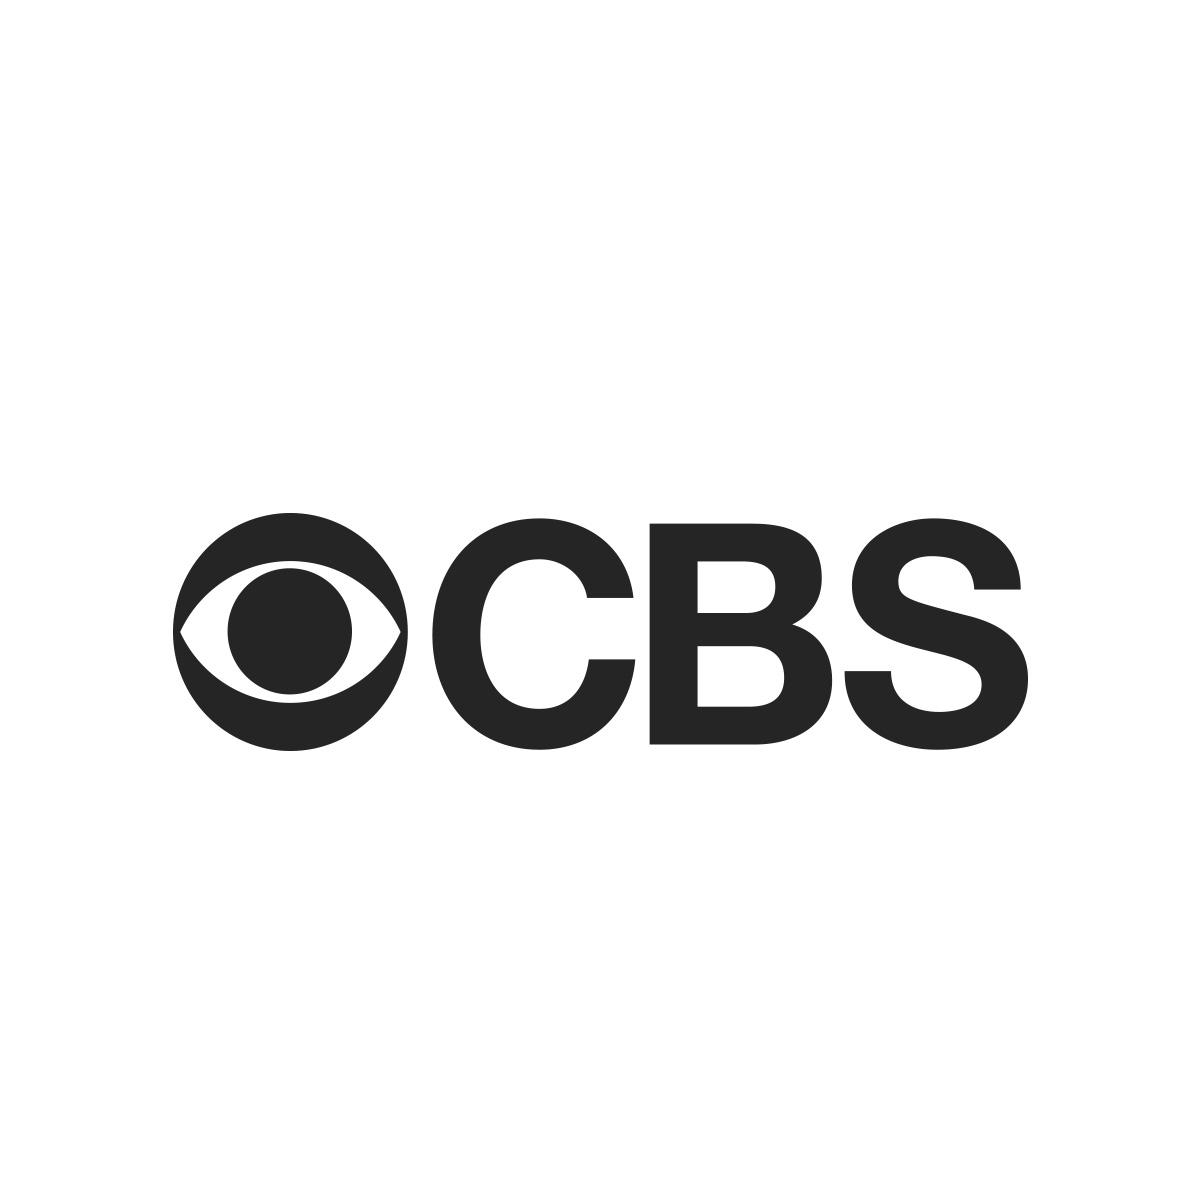 cbs-1.jpg